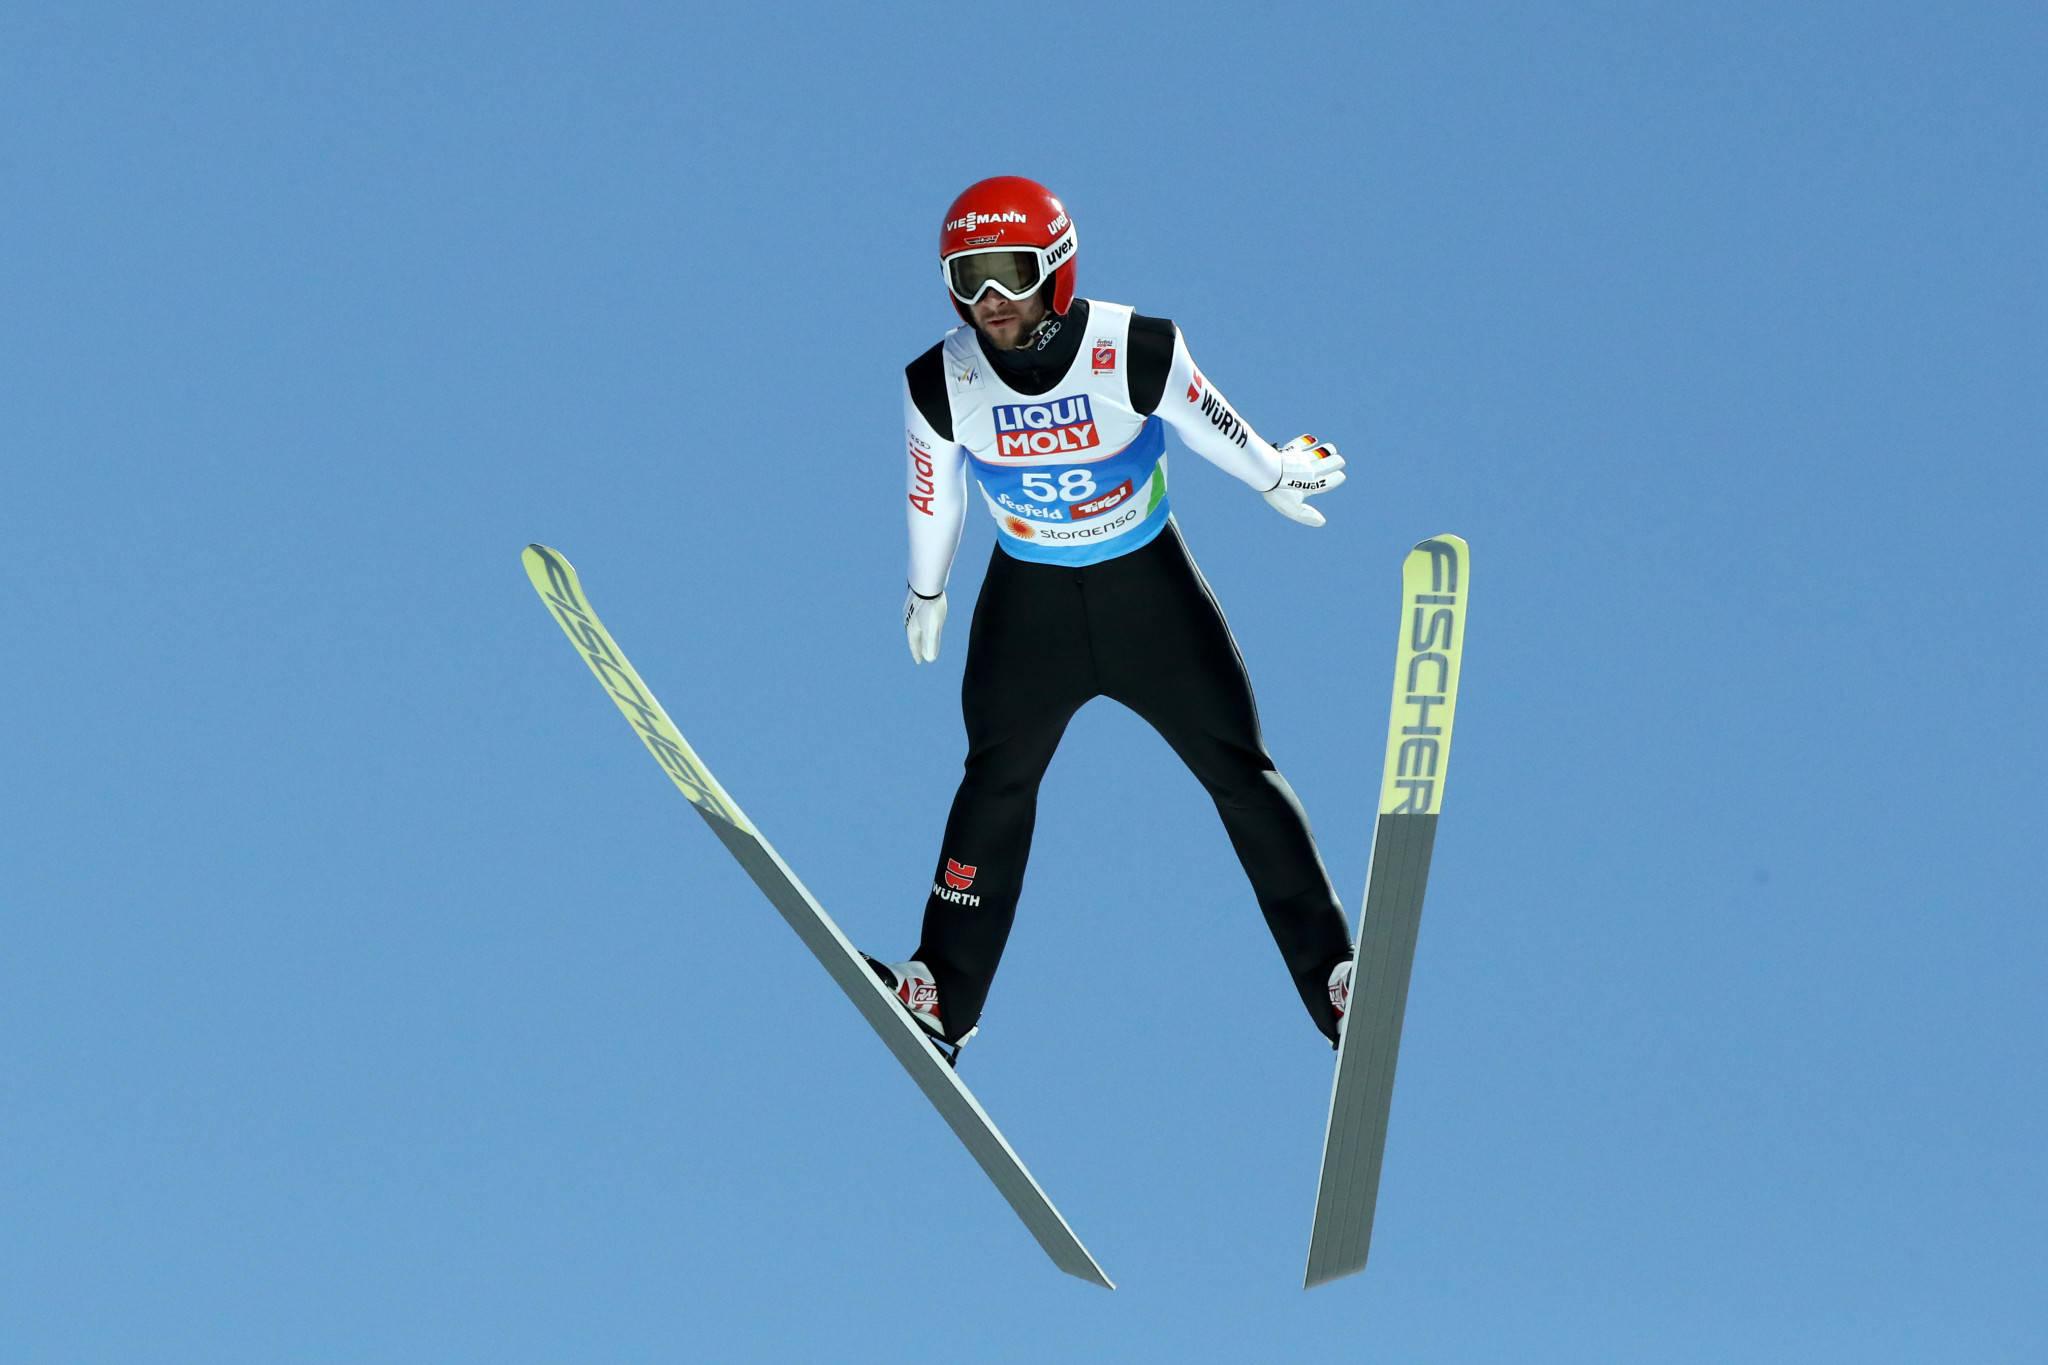 跳台滑雪世界杯:两人因服装取消成绩 德国名将领跑